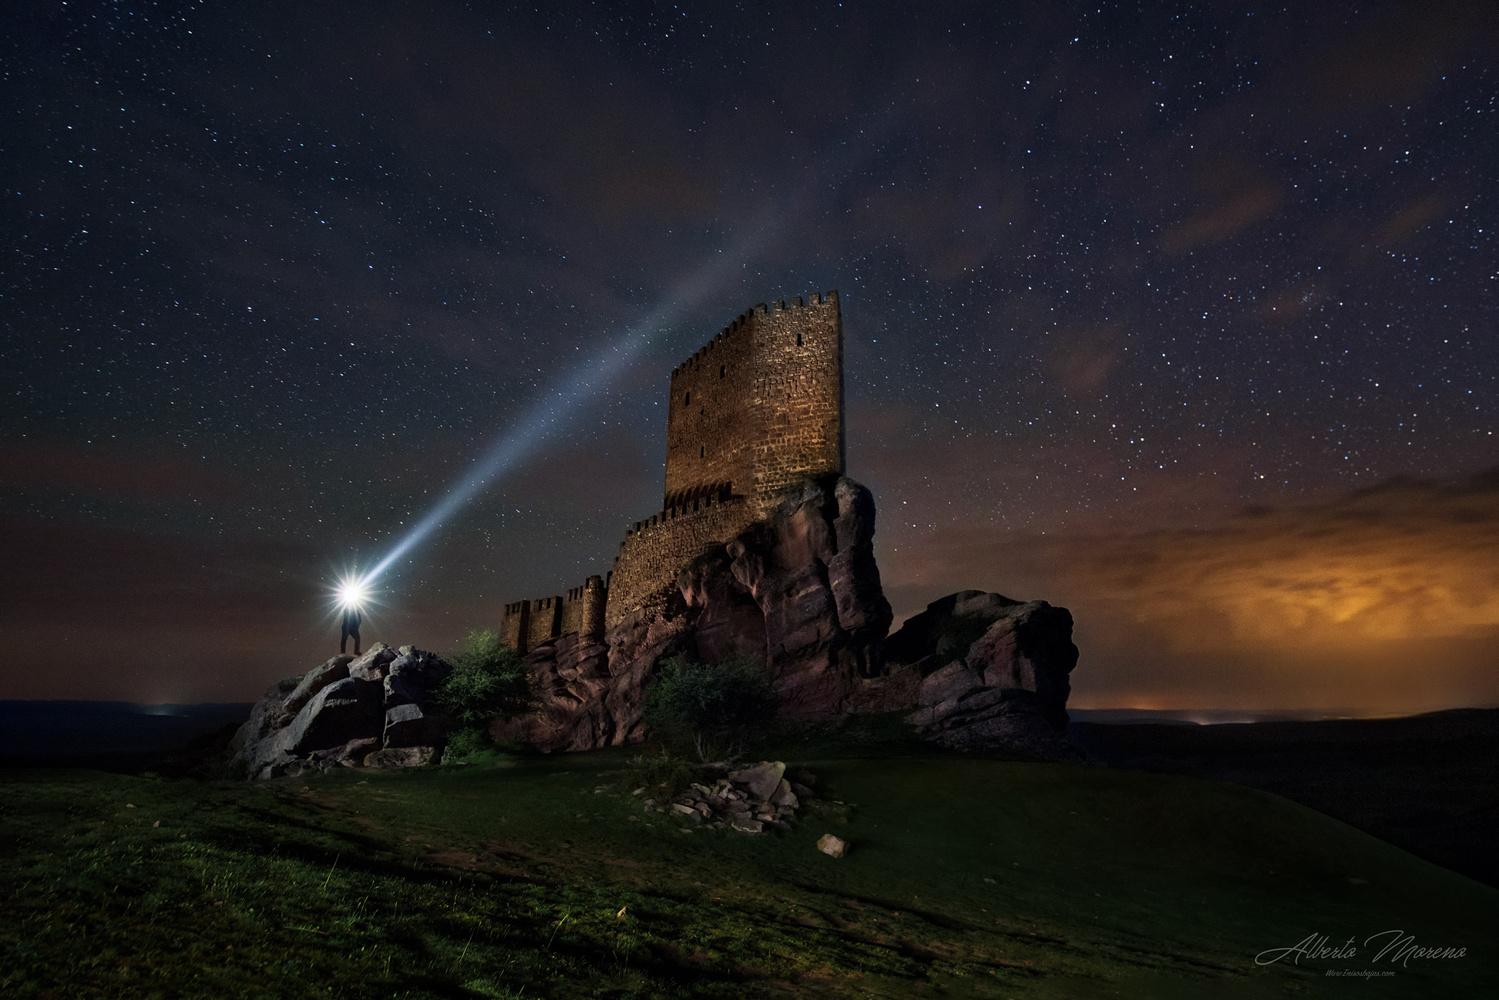 Light Castle by Alberto Moreno